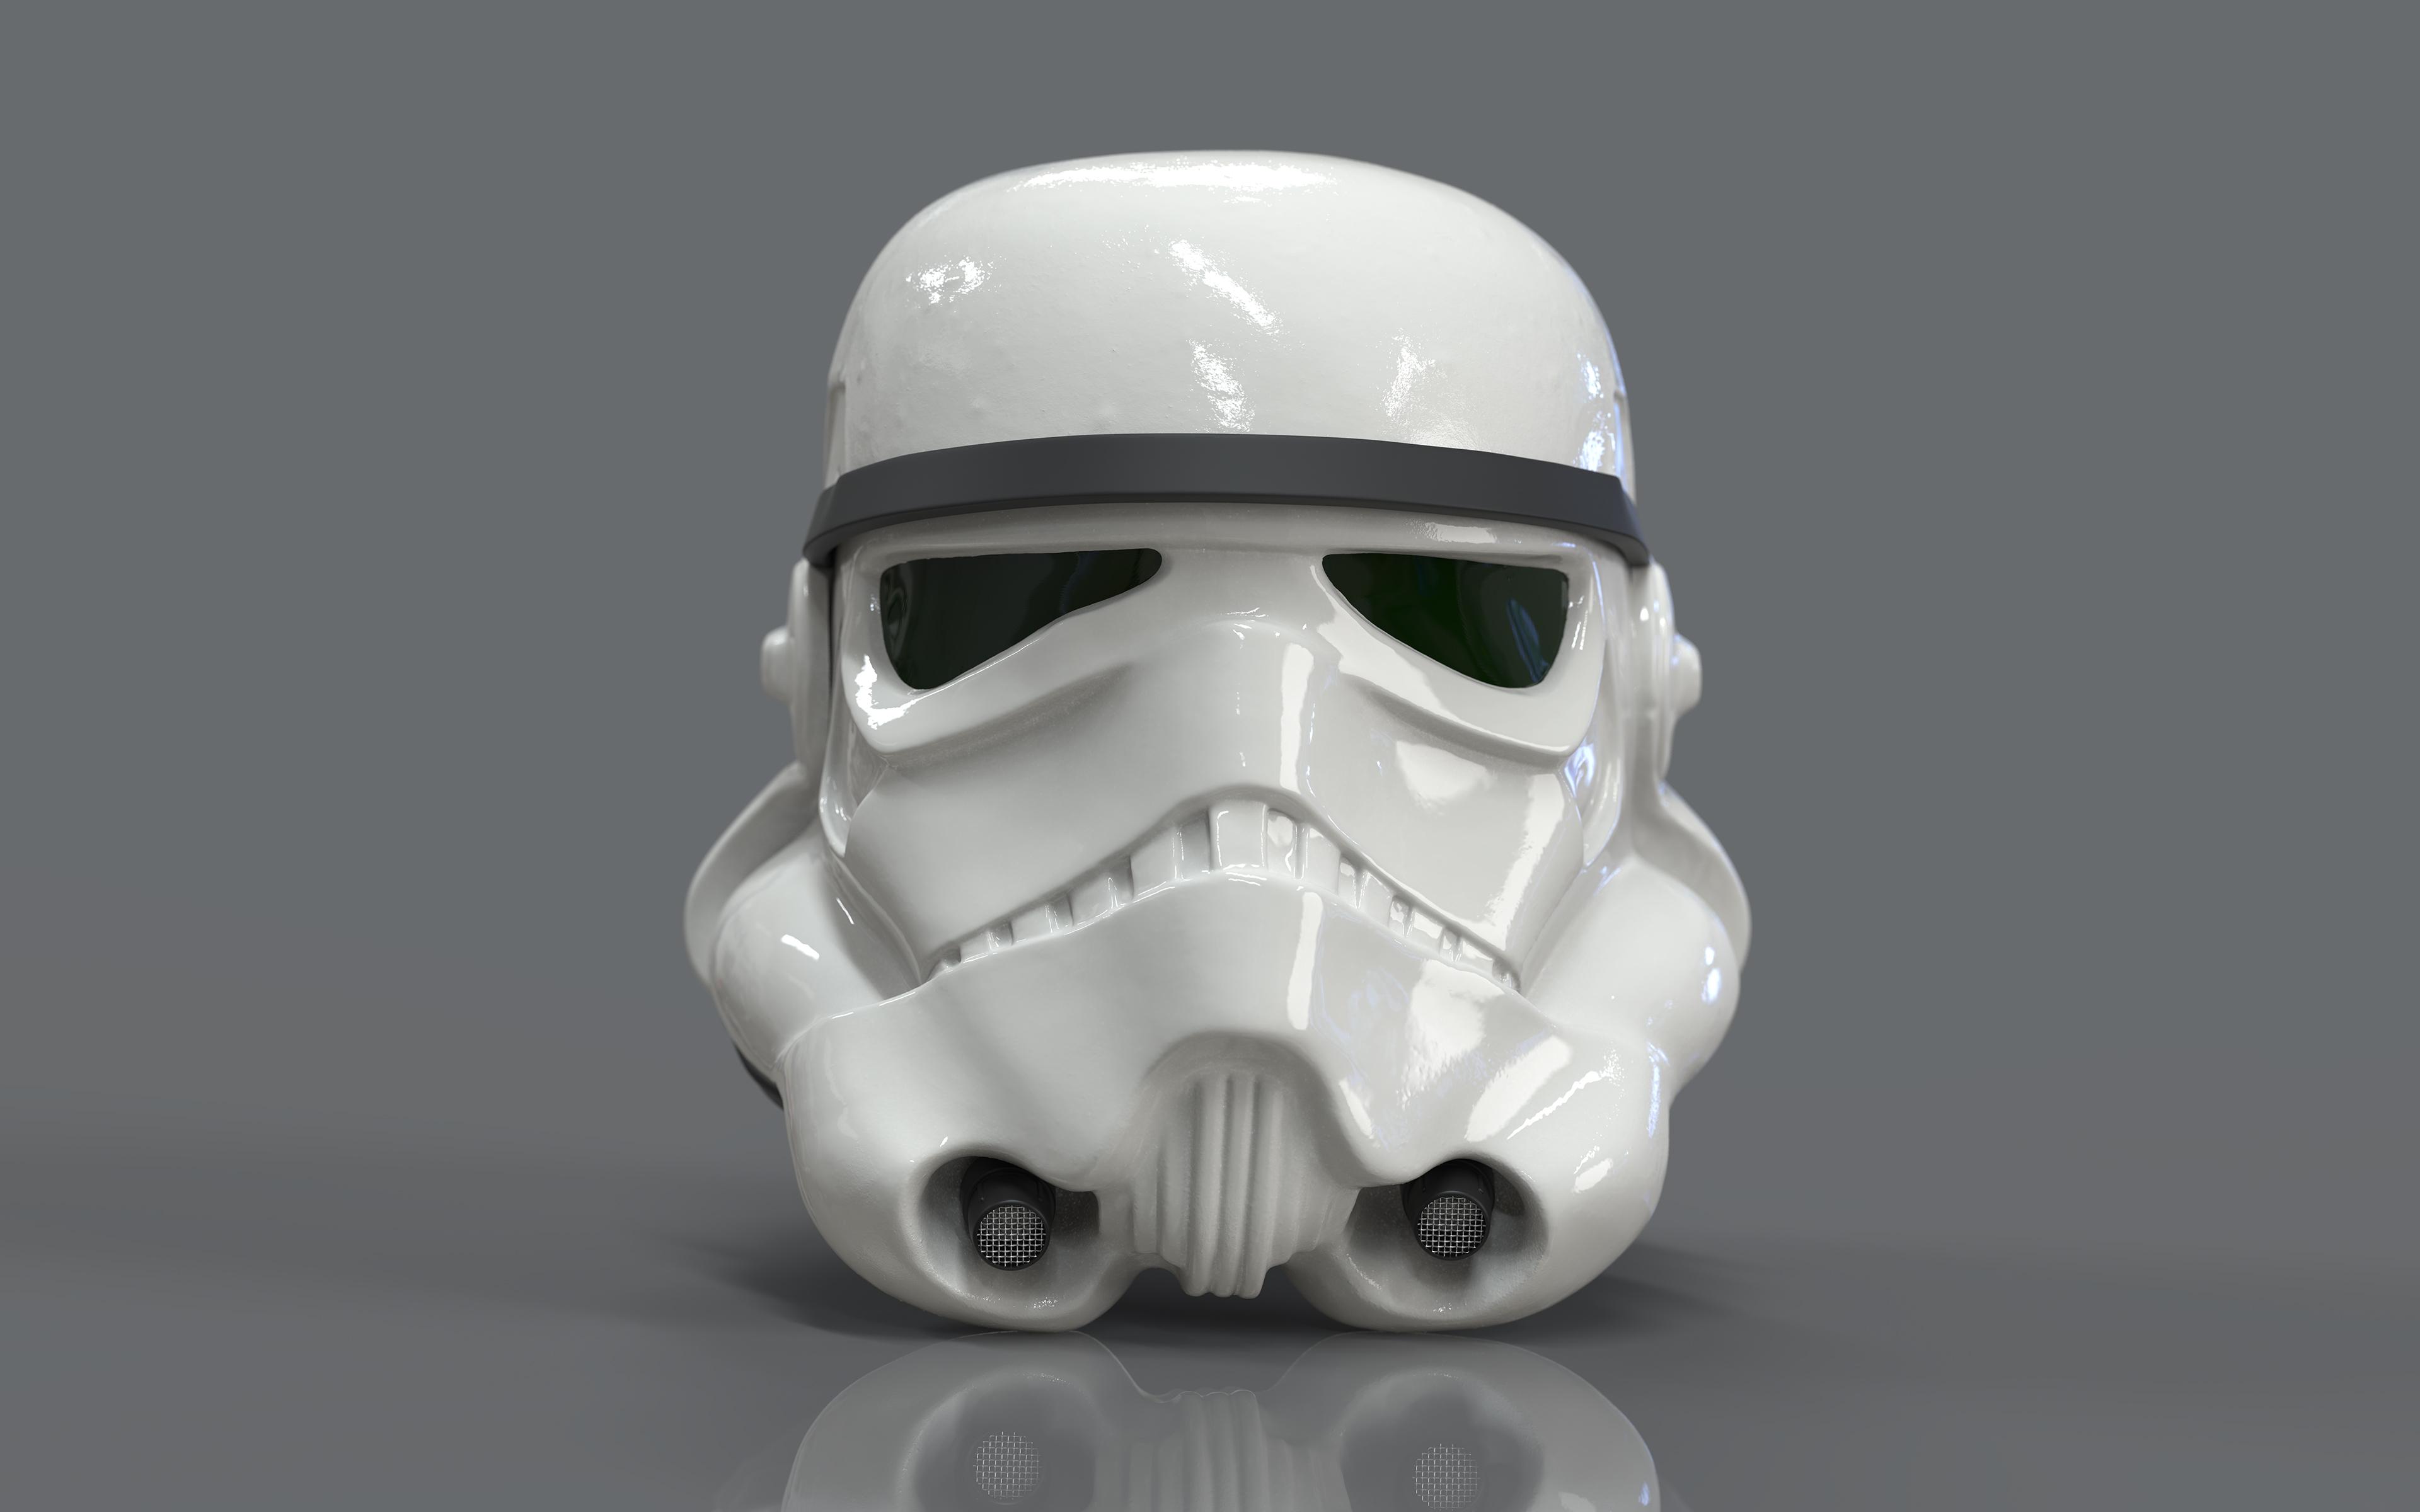 TK_helmet_ASM_001.41.jpg